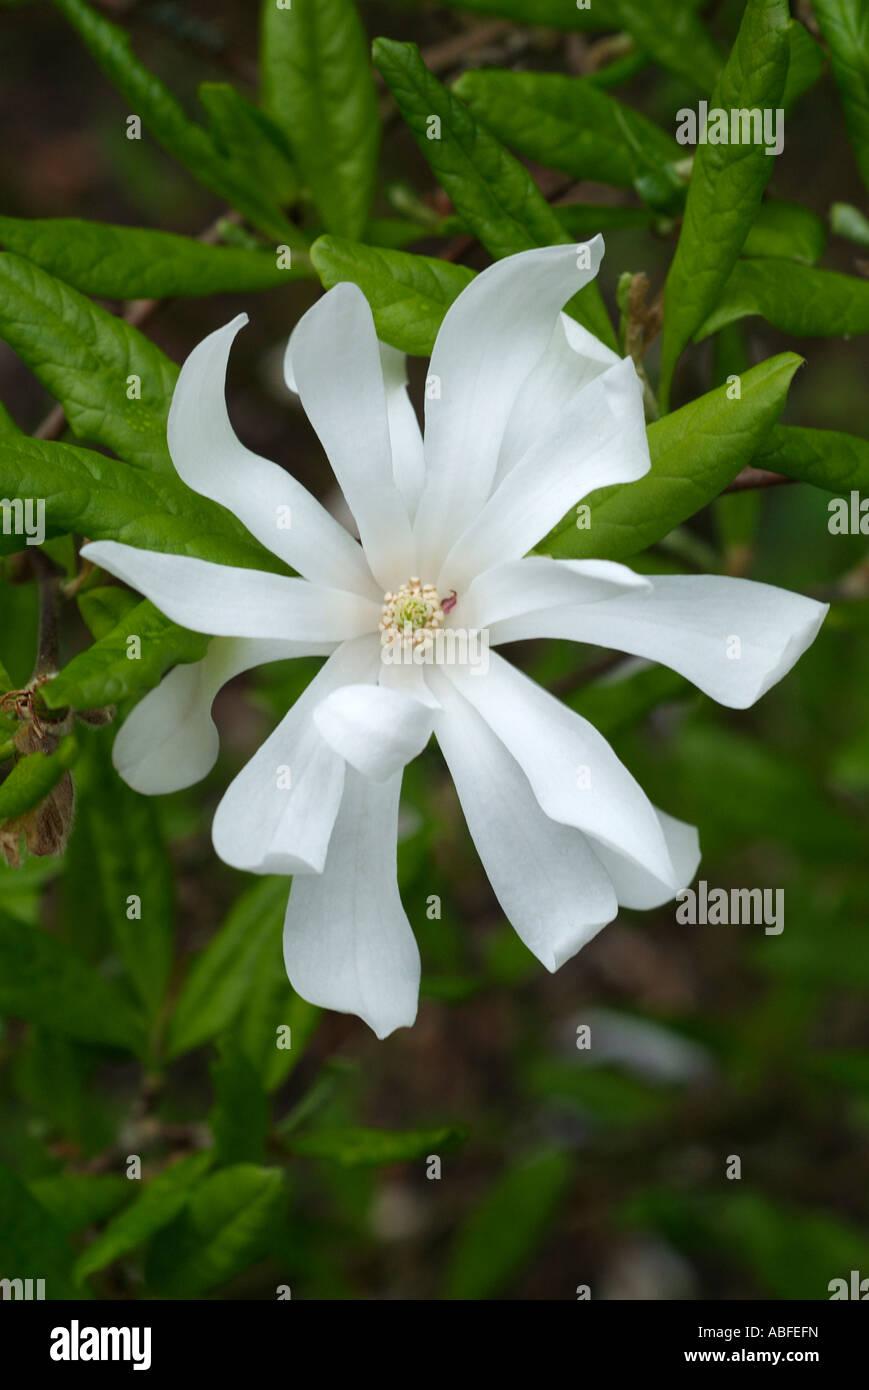 Magnolia stelata albero arbusto legnoso di legno bianco fiore a stella a fioritura primaverile dei petali dei fiori fioriscono allungato bloom Foto Stock